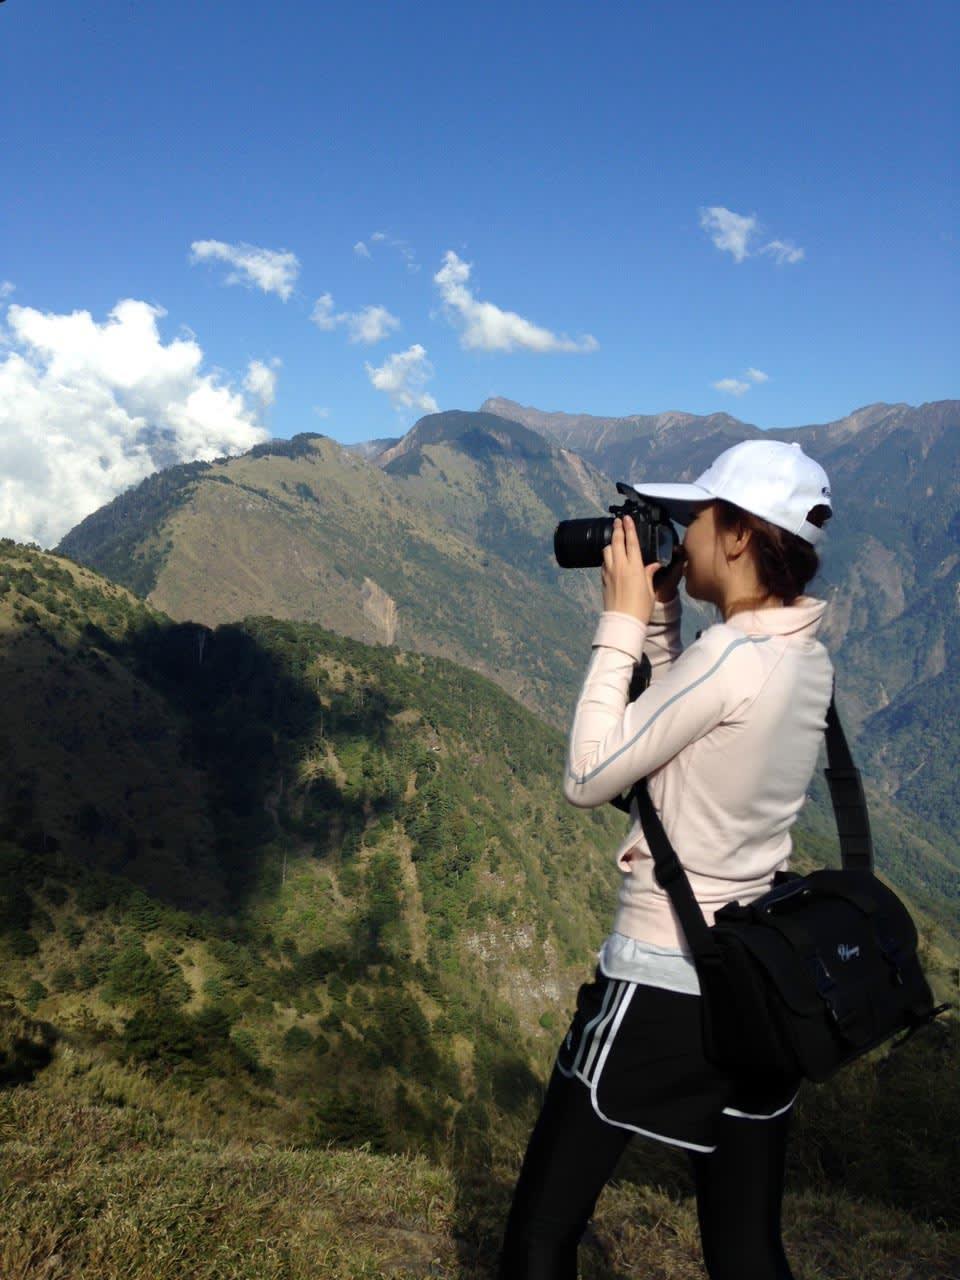 鹿林山步道視野遼闊,能輕鬆拍出美照 (Photo / Ran)